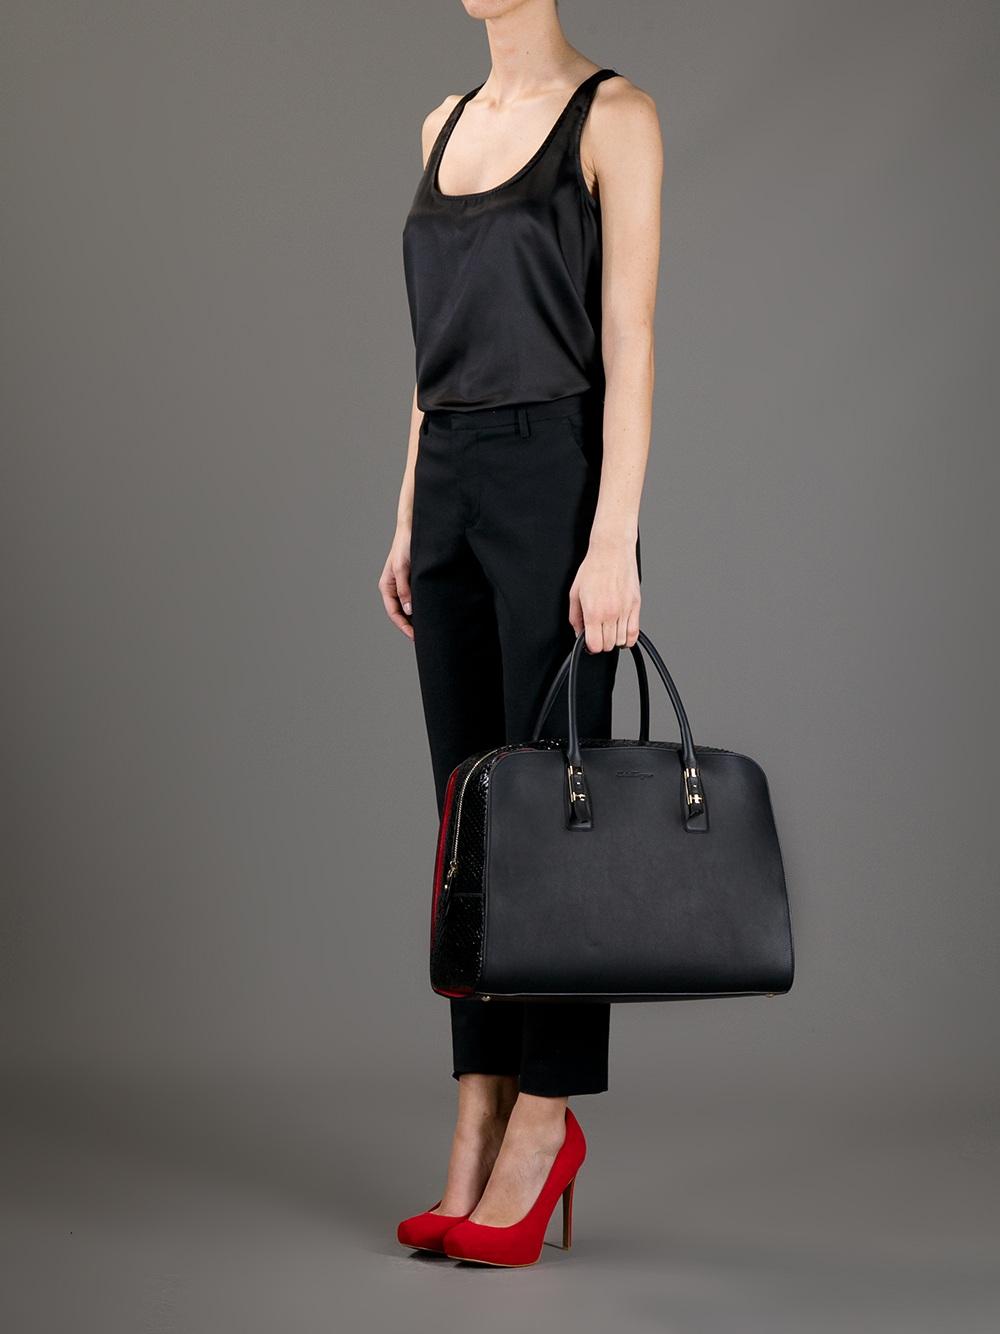 4c1b86cfc1b8 Lyst - Ferragamo Emmy Bag in Black